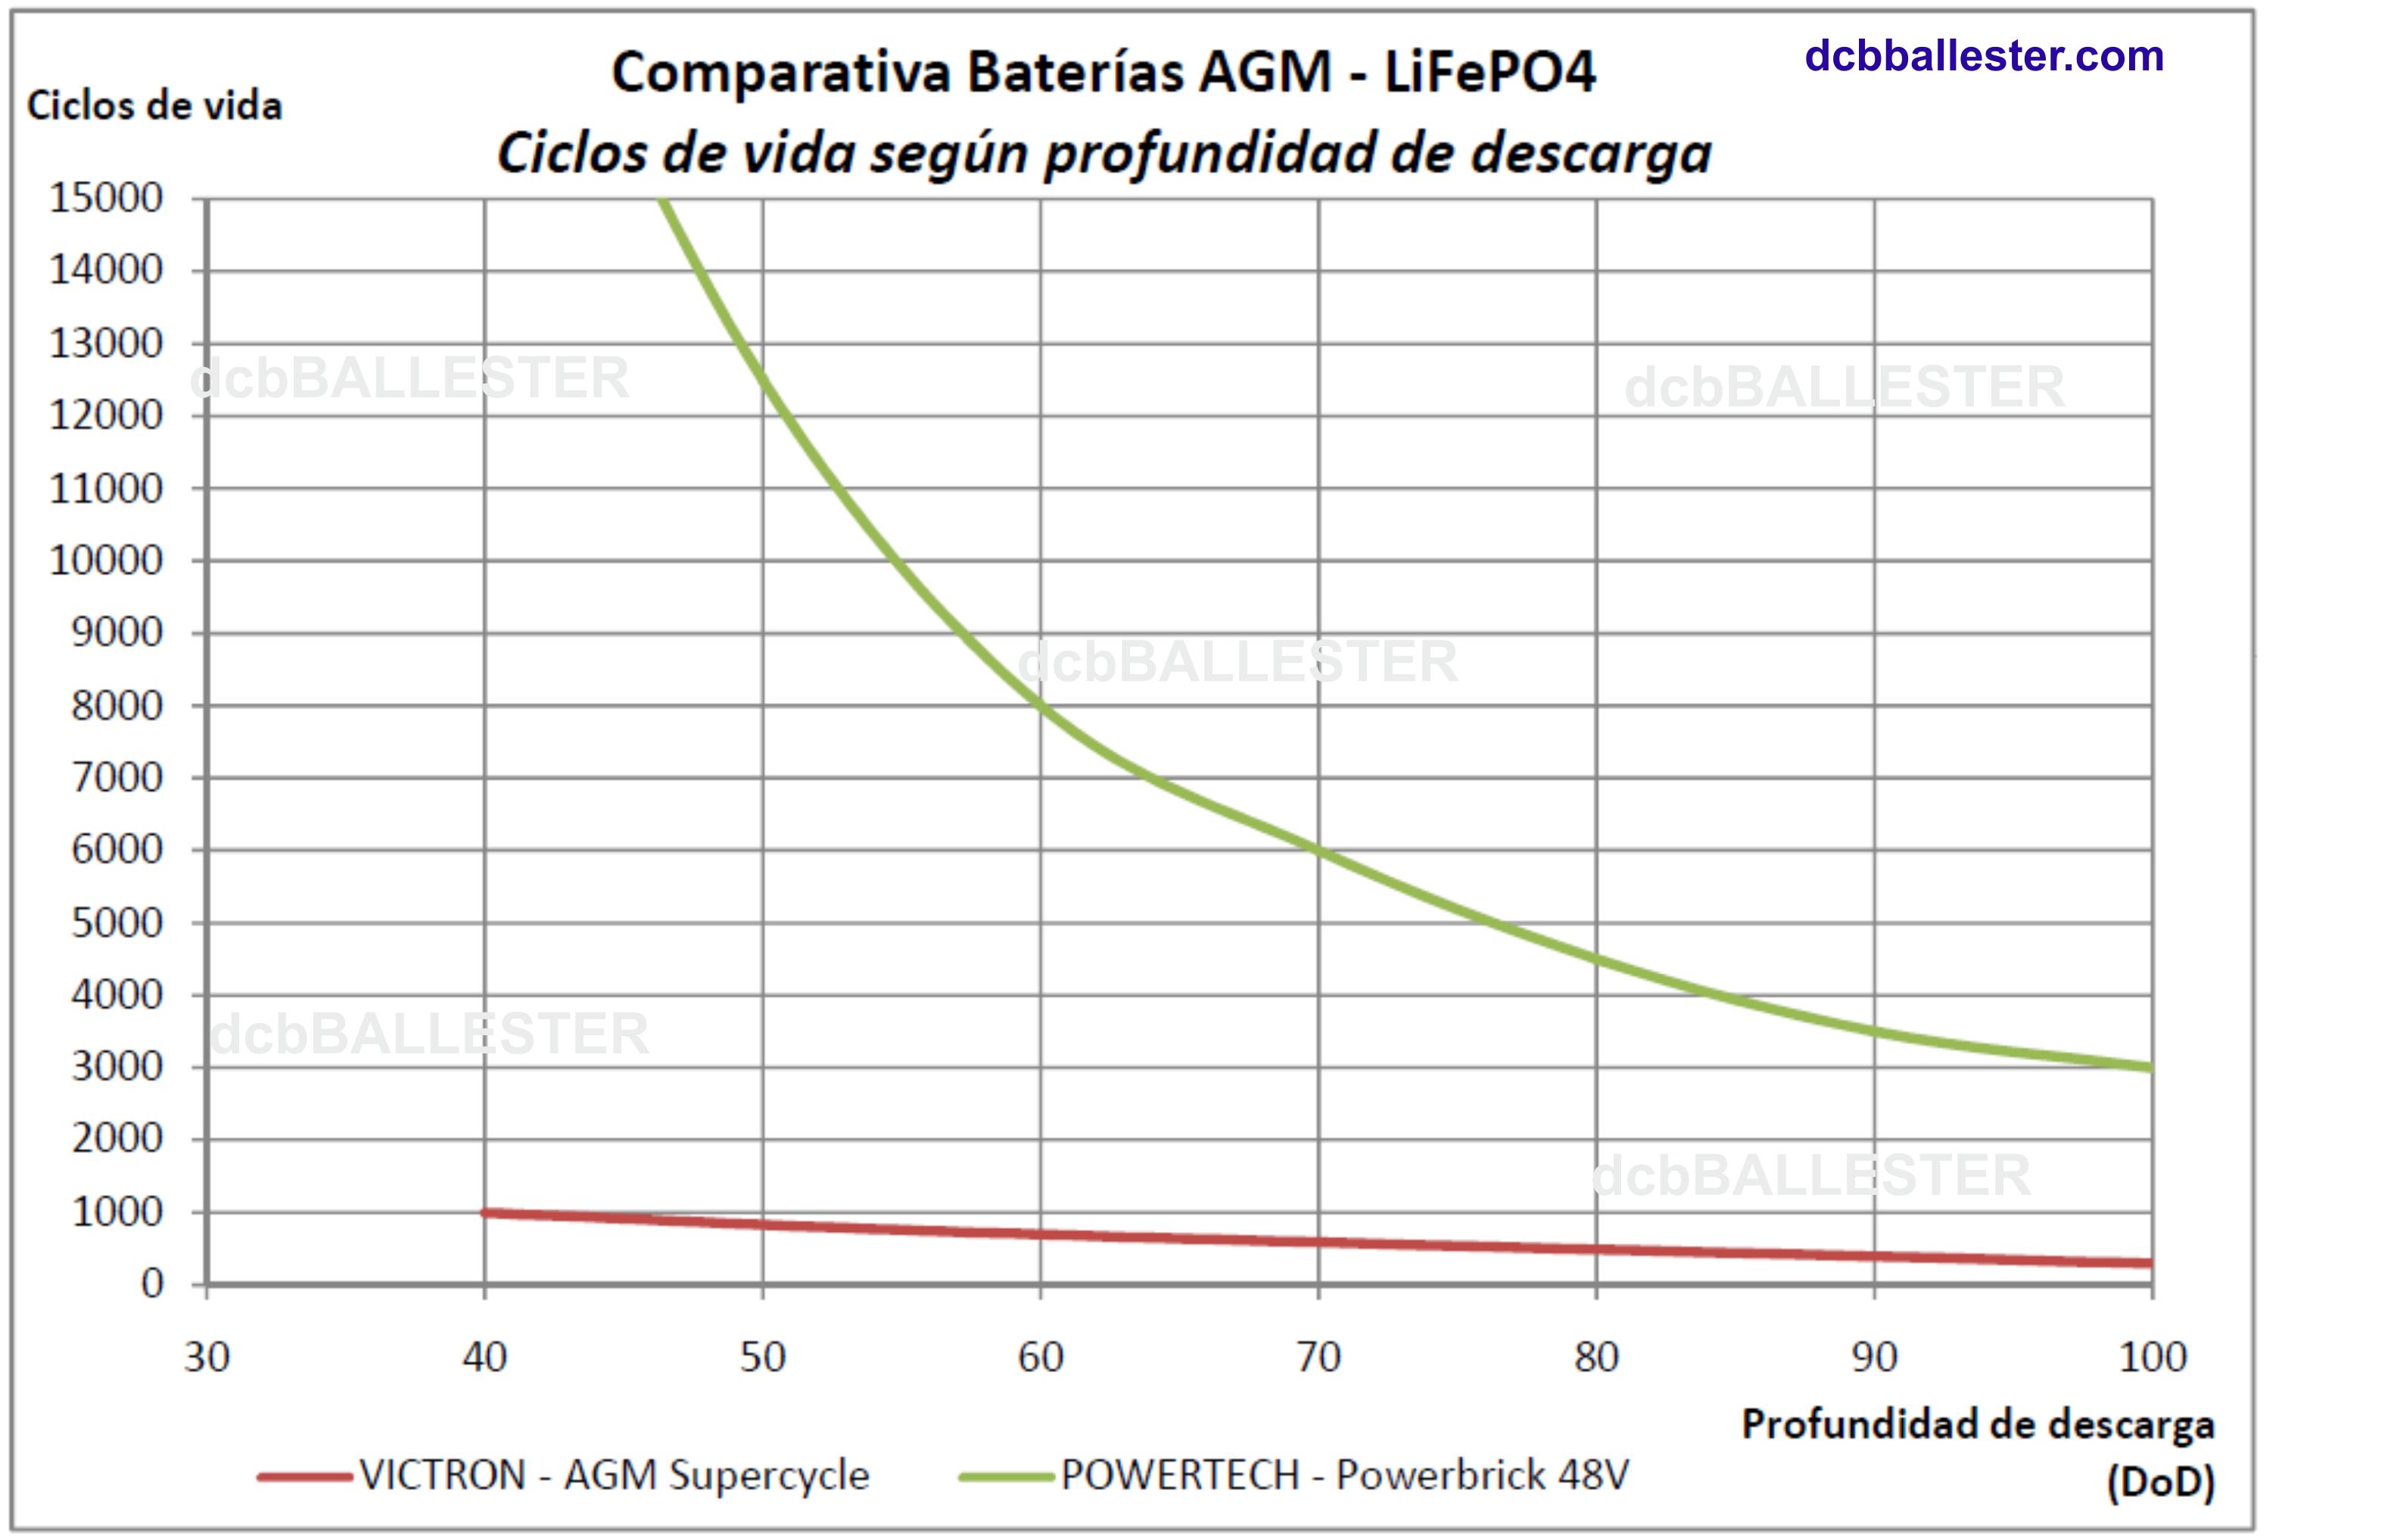 Ciclos de vida baterías LiFePO4